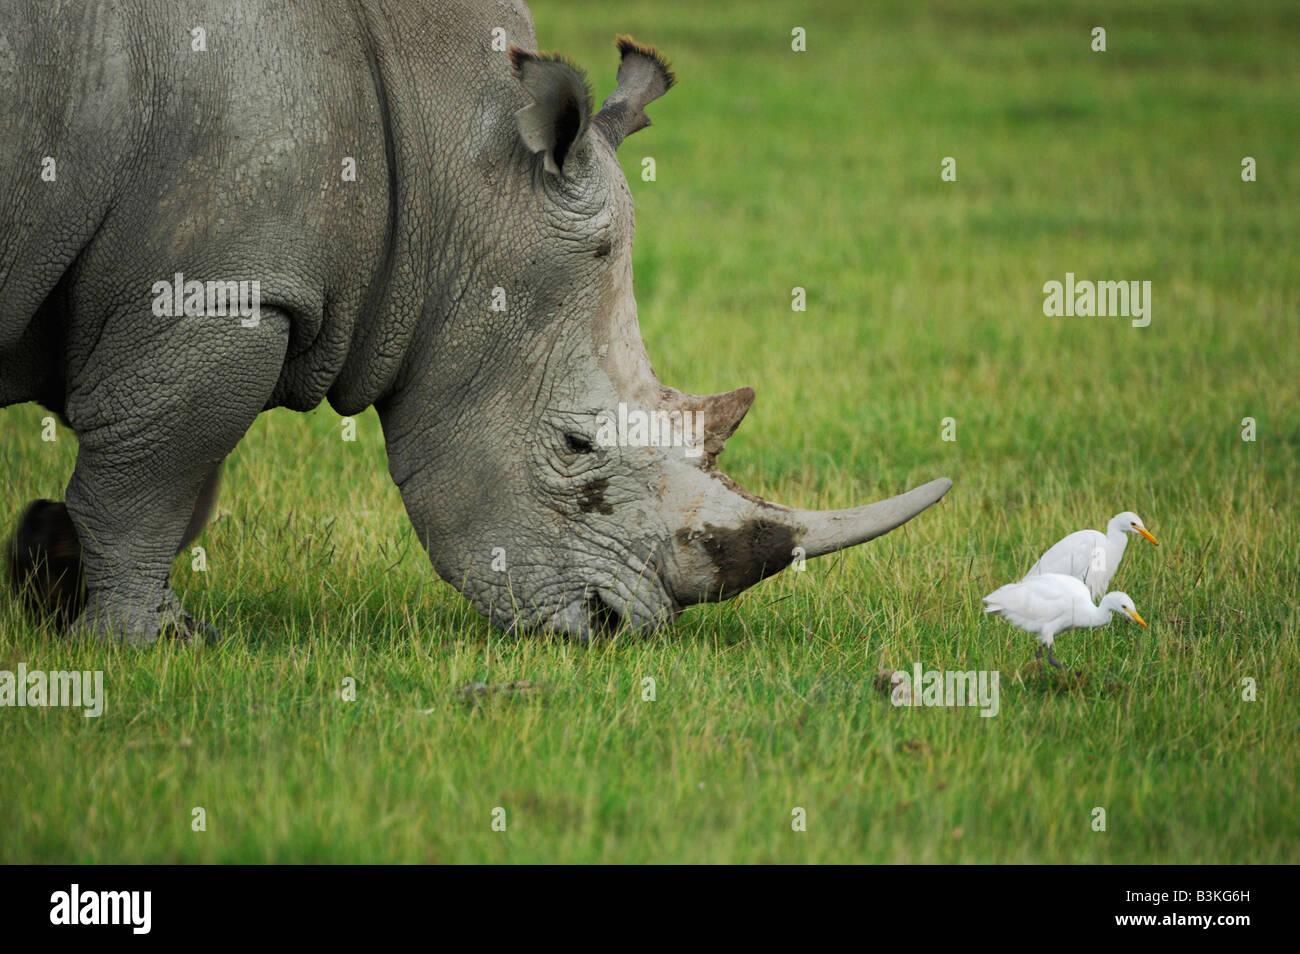 Black Rhinoceros Diceros bicornis adult feeding among Cattle Egret Bubulcus ibis Lake Nakuru Kenya Africa - Stock Image